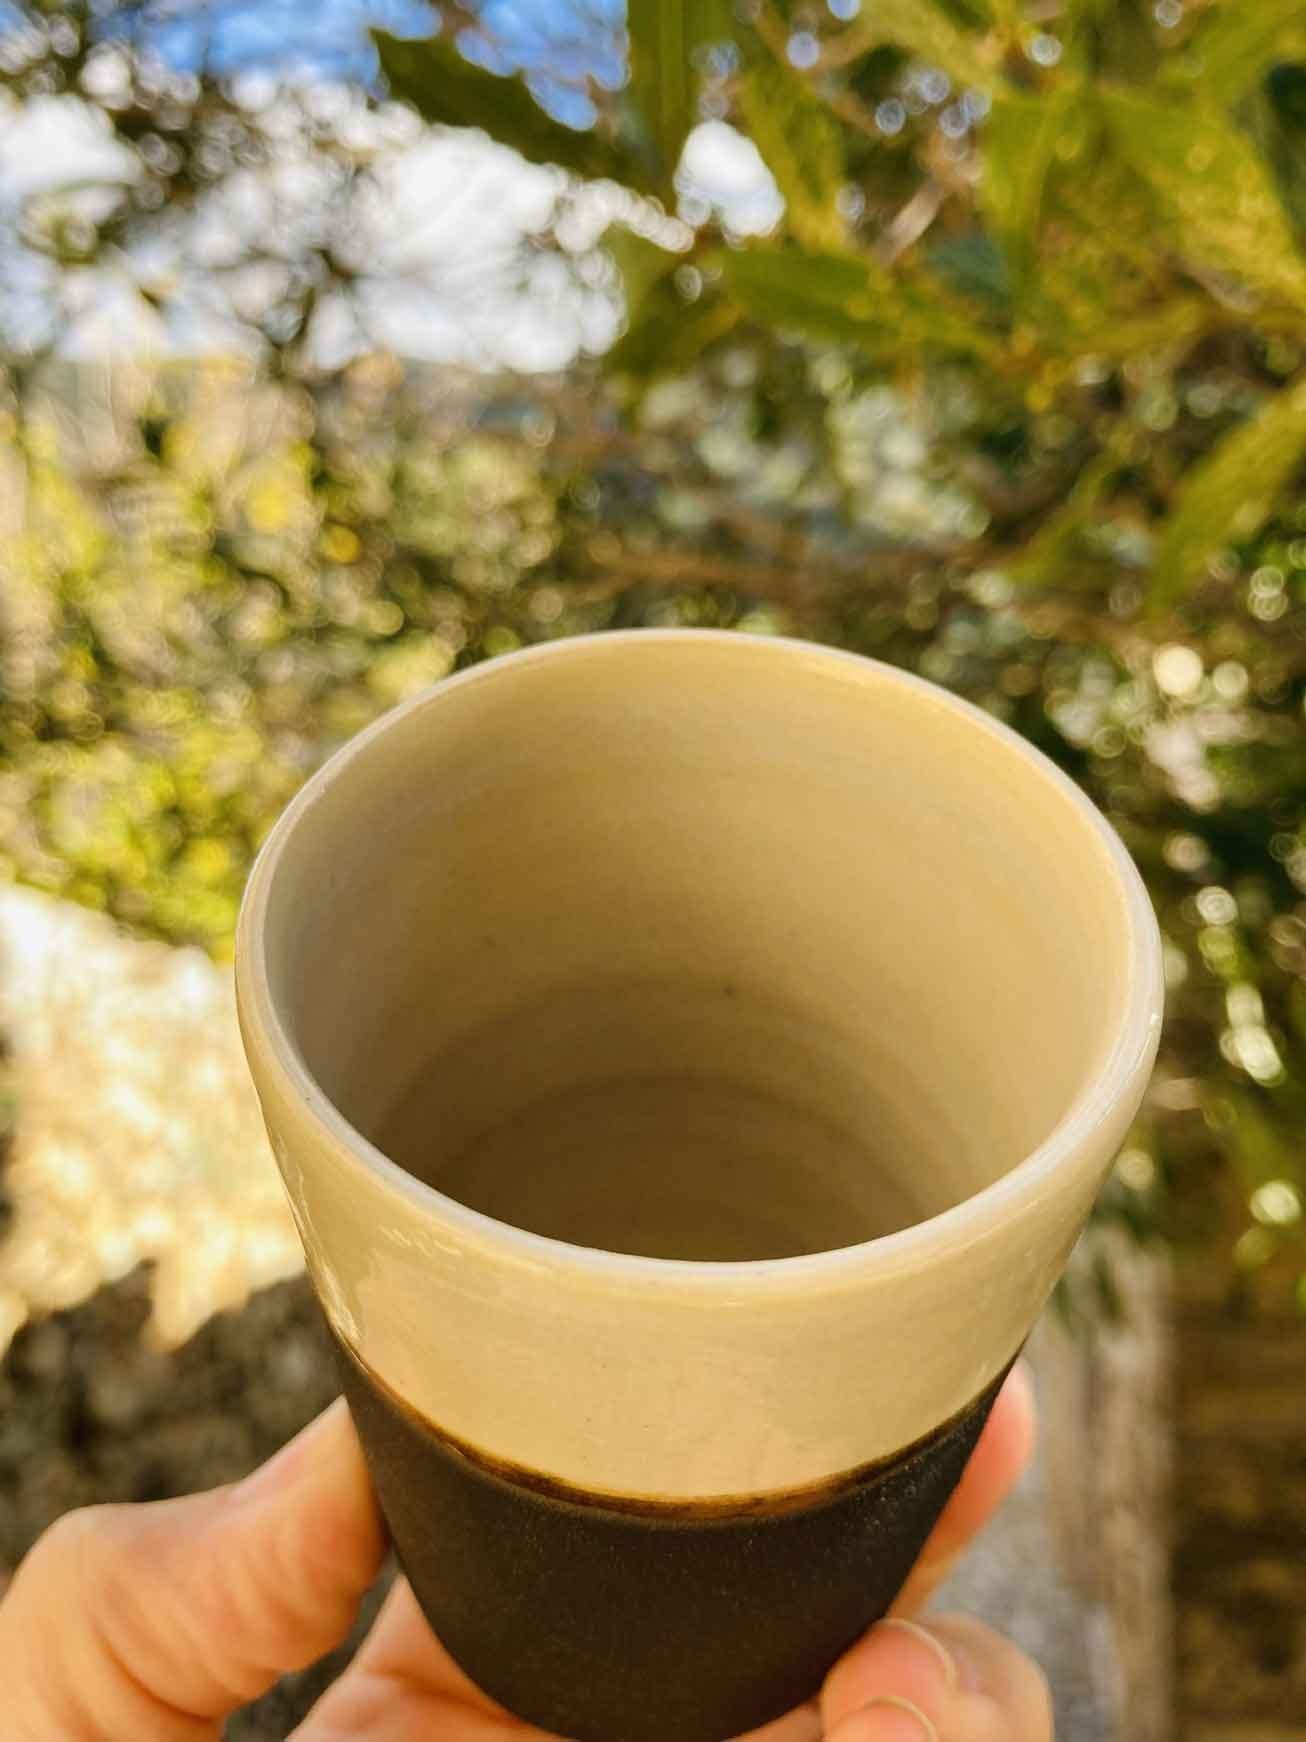 039-Tasse-café-noire-blanc-cone